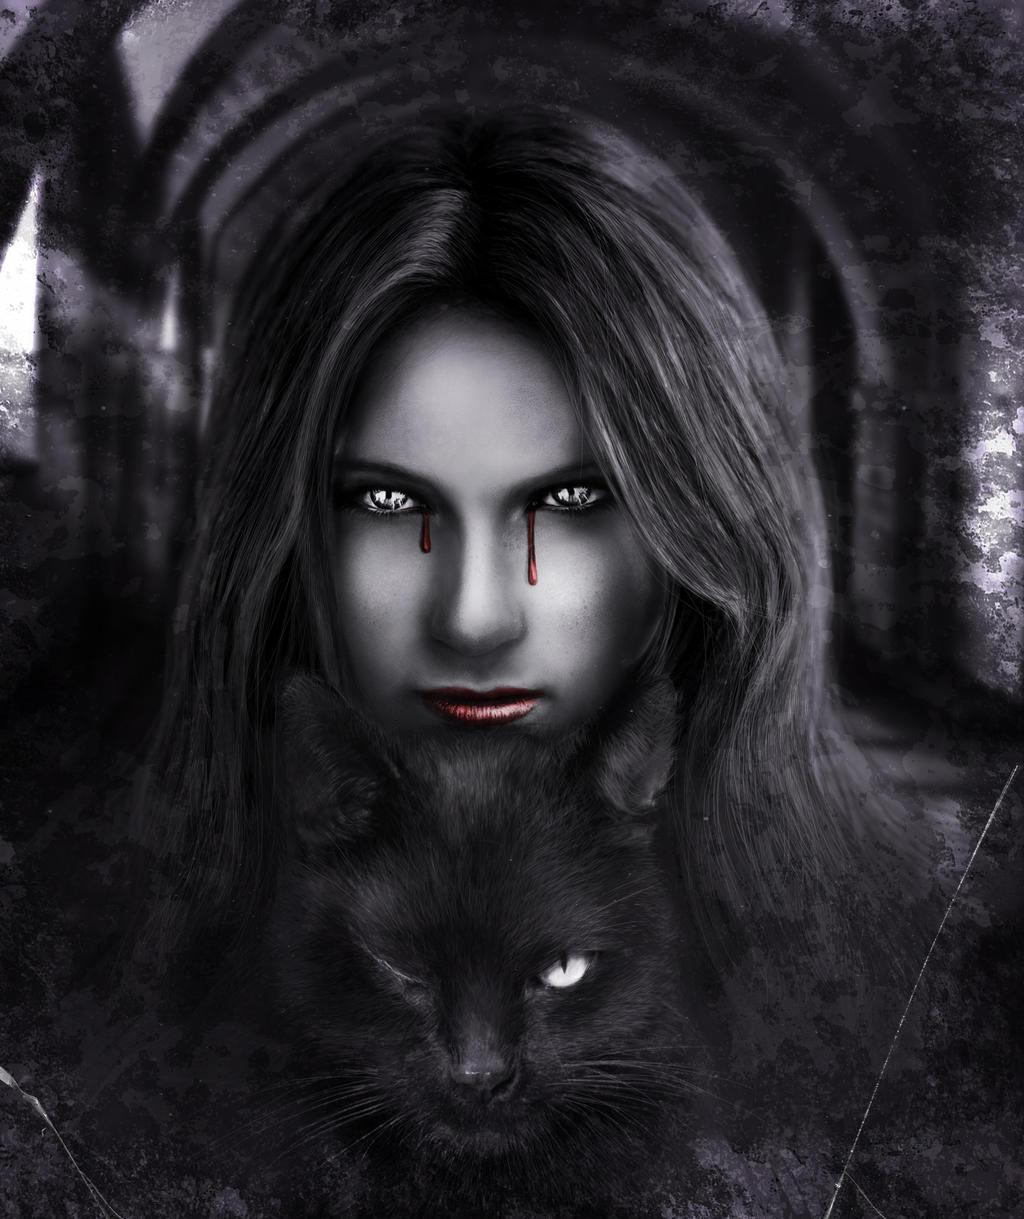 Edgar Allan Poe - The Black Cat by AlexanderLevett